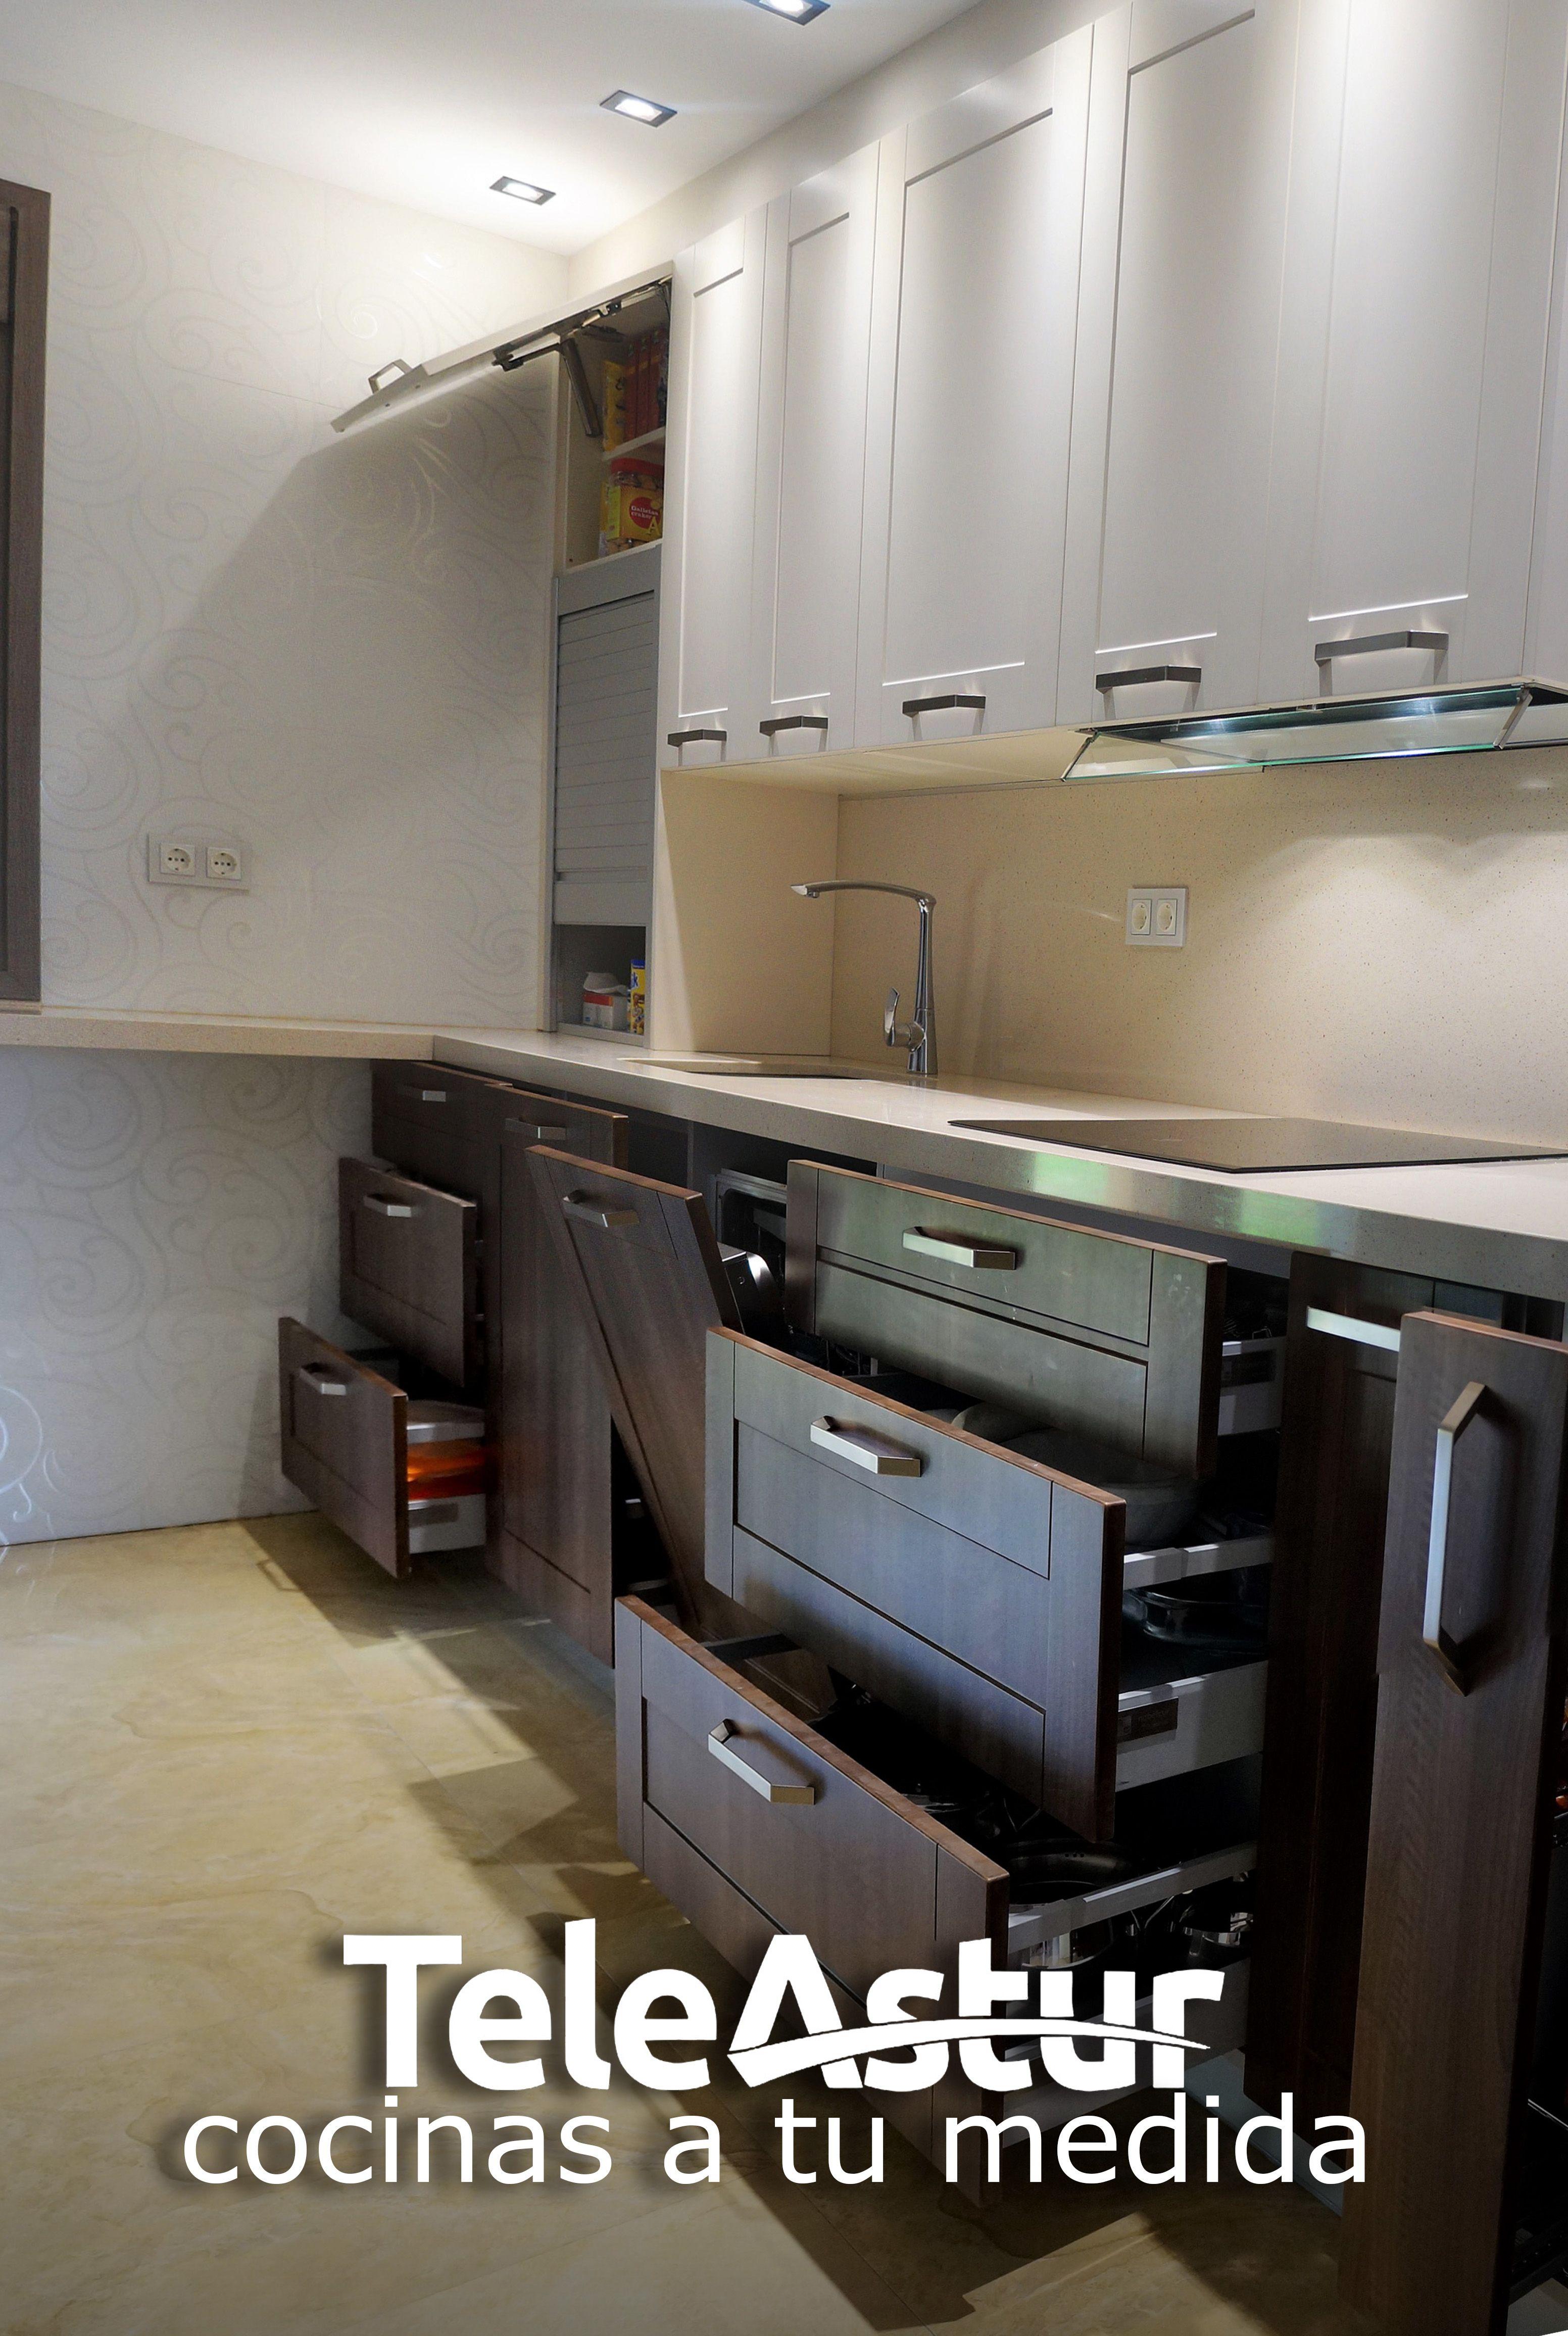 campana integrada | Teleastur Cocinas | Cocinas, Muebles de Cocina y ...